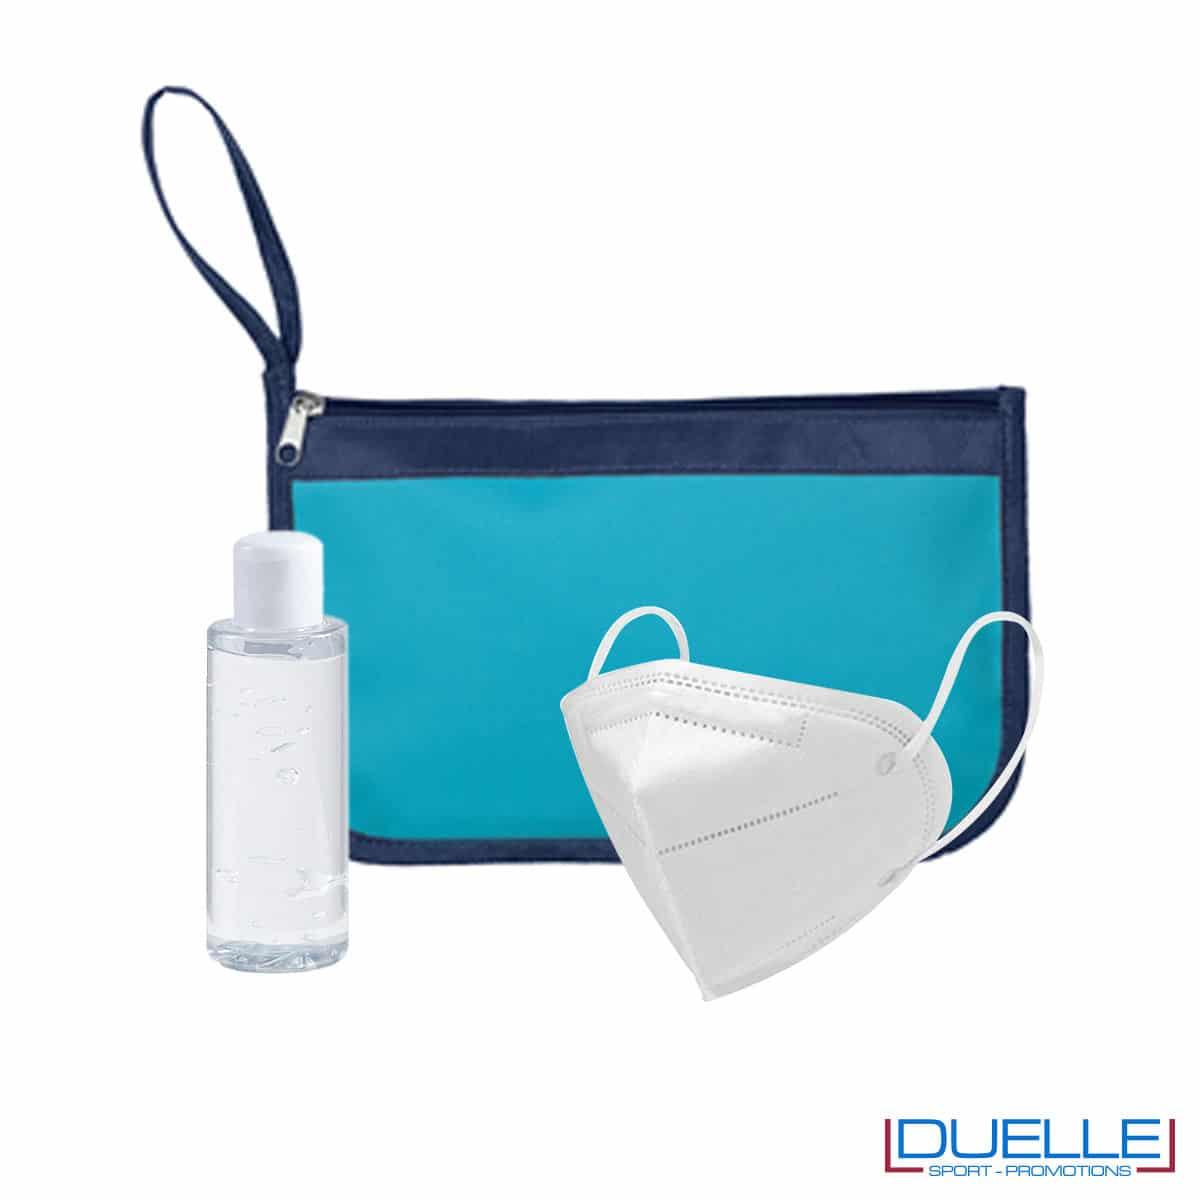 Kit igiene da viaggio con portadocumenti colore azzurro personalizzato